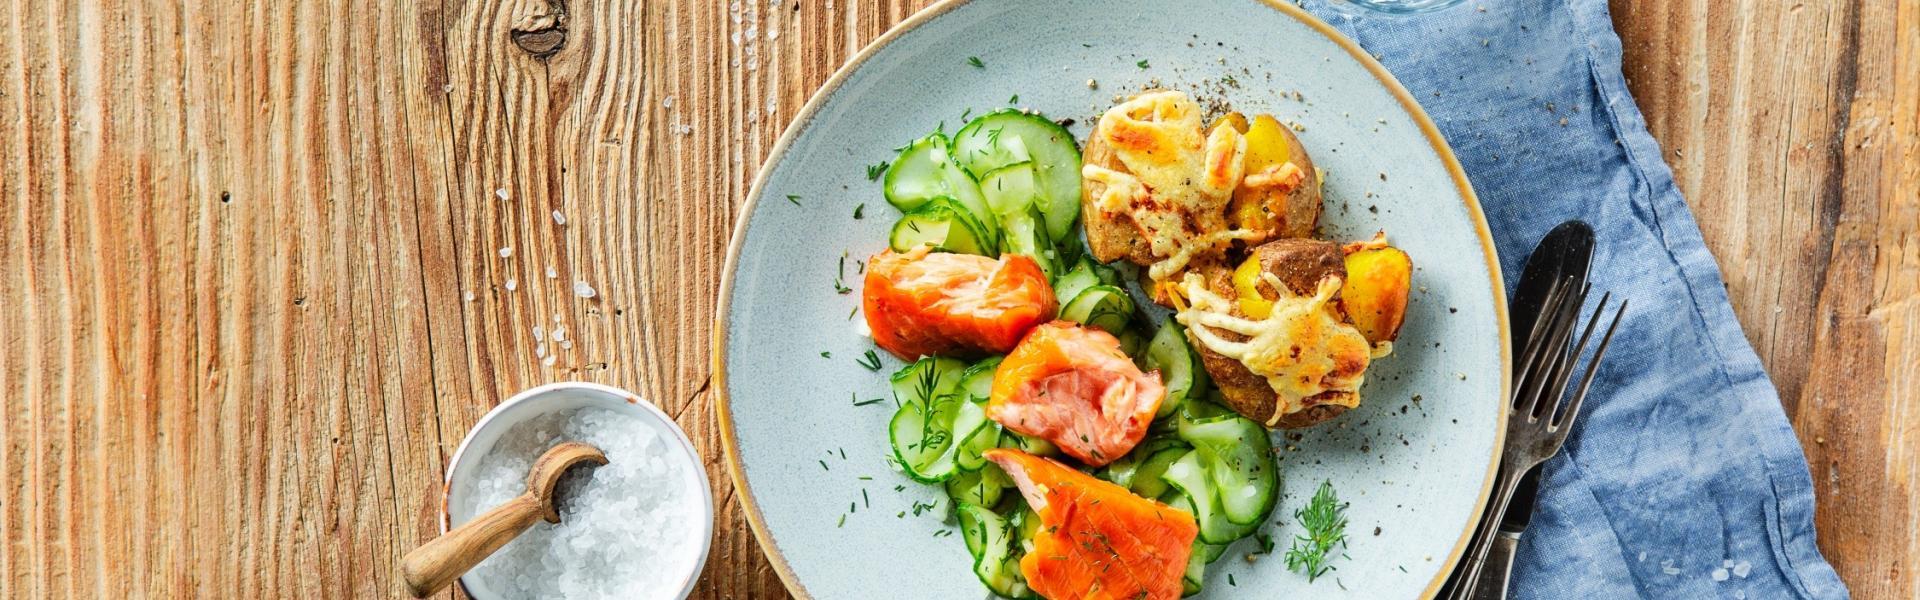 Stampfkartoffeln mit Stremellachs und Gurkensalat auf einem Teller angerichtet.